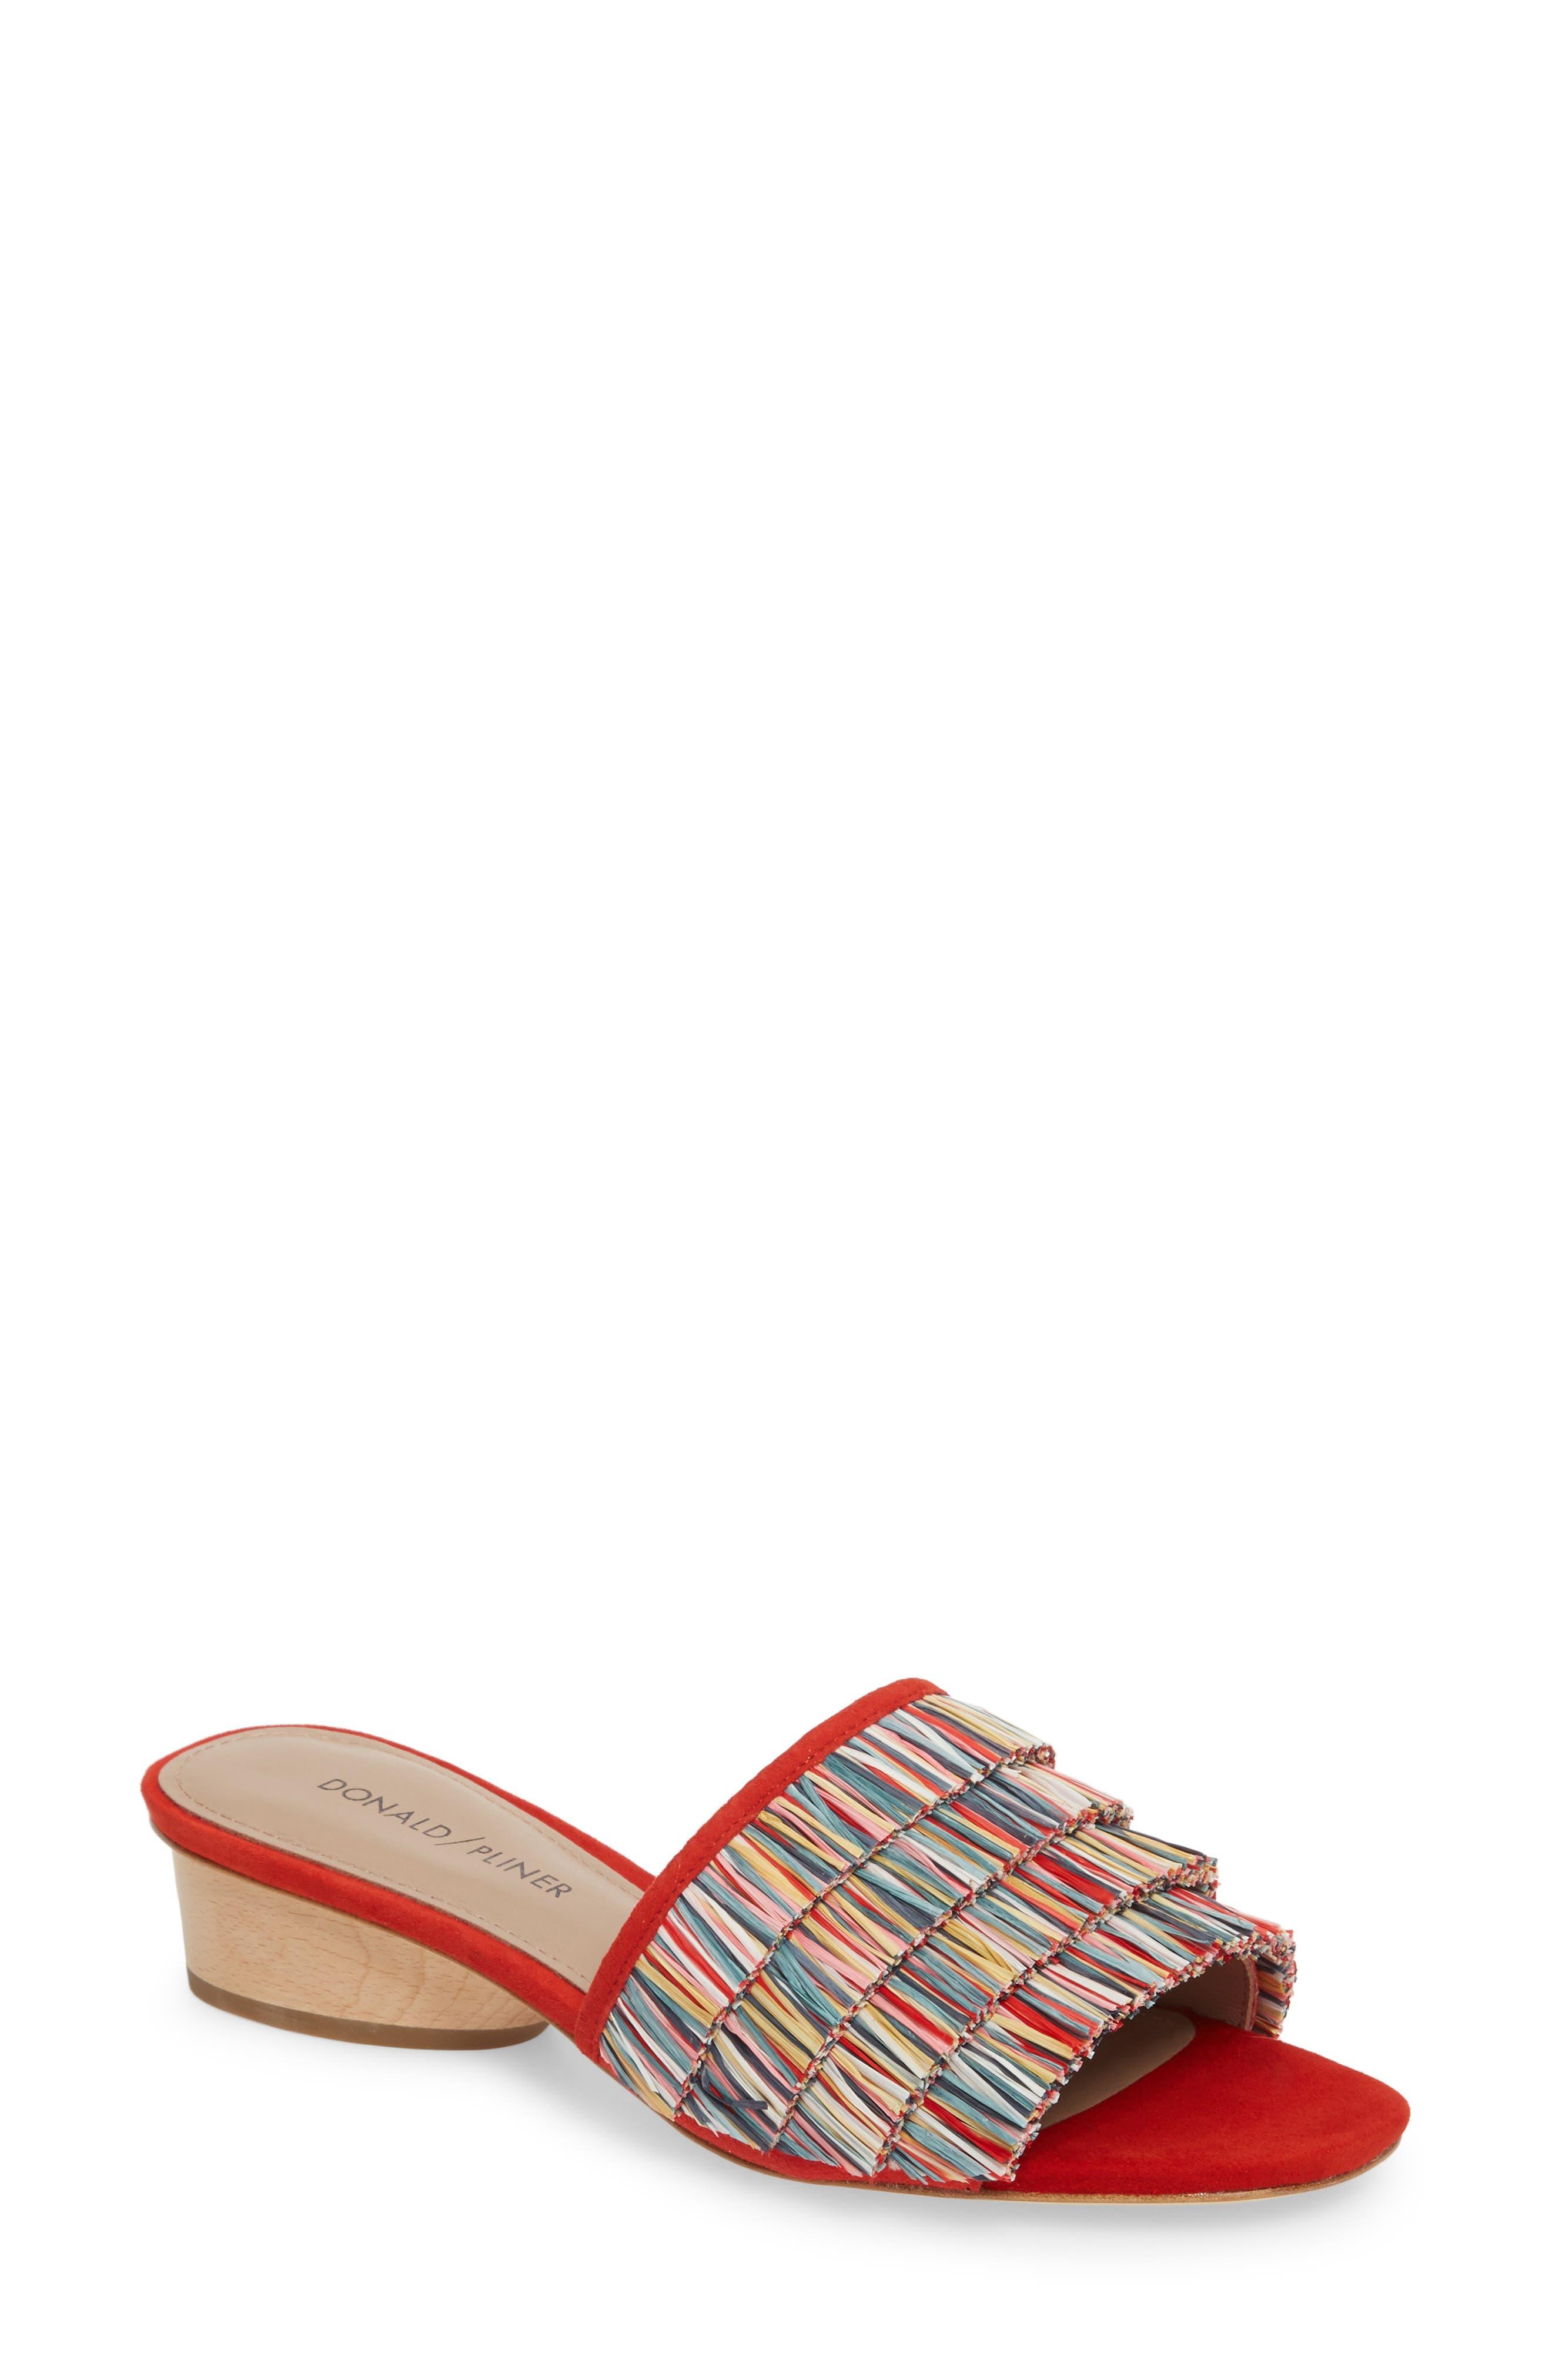 Reise Slide Sandal,                         Main,                         color,